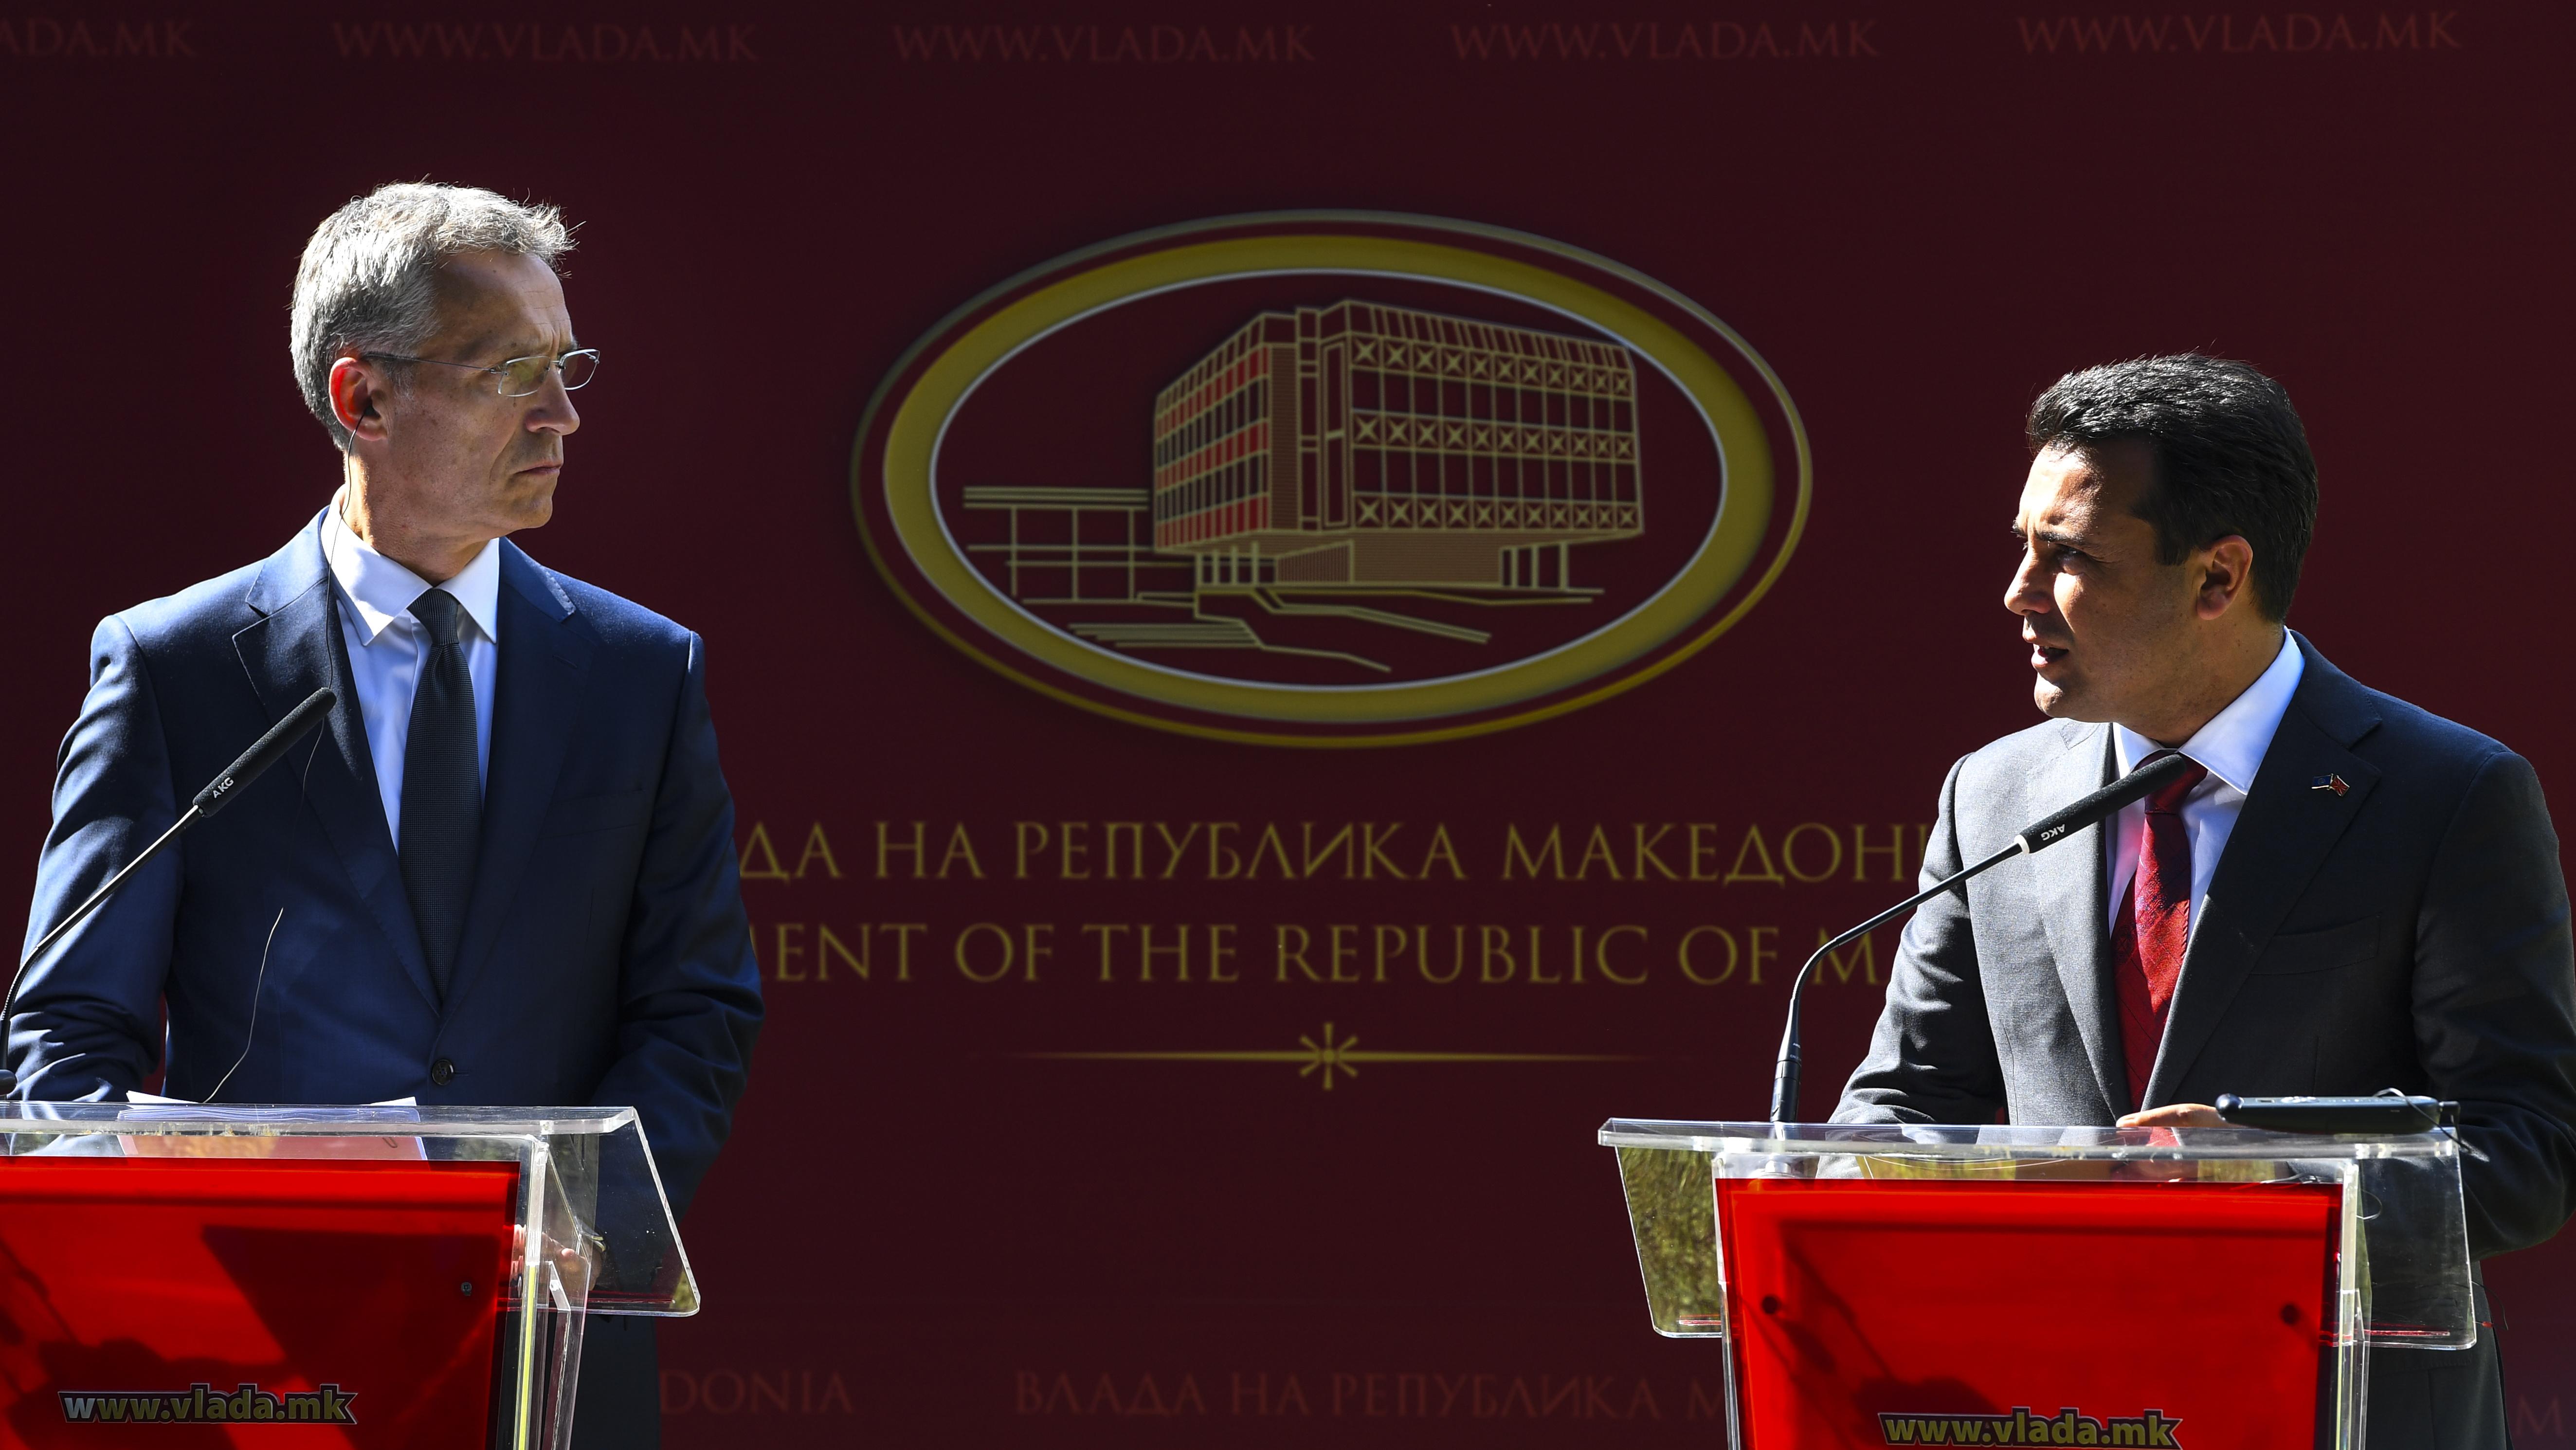 NATO spreman primiti Makedoniju